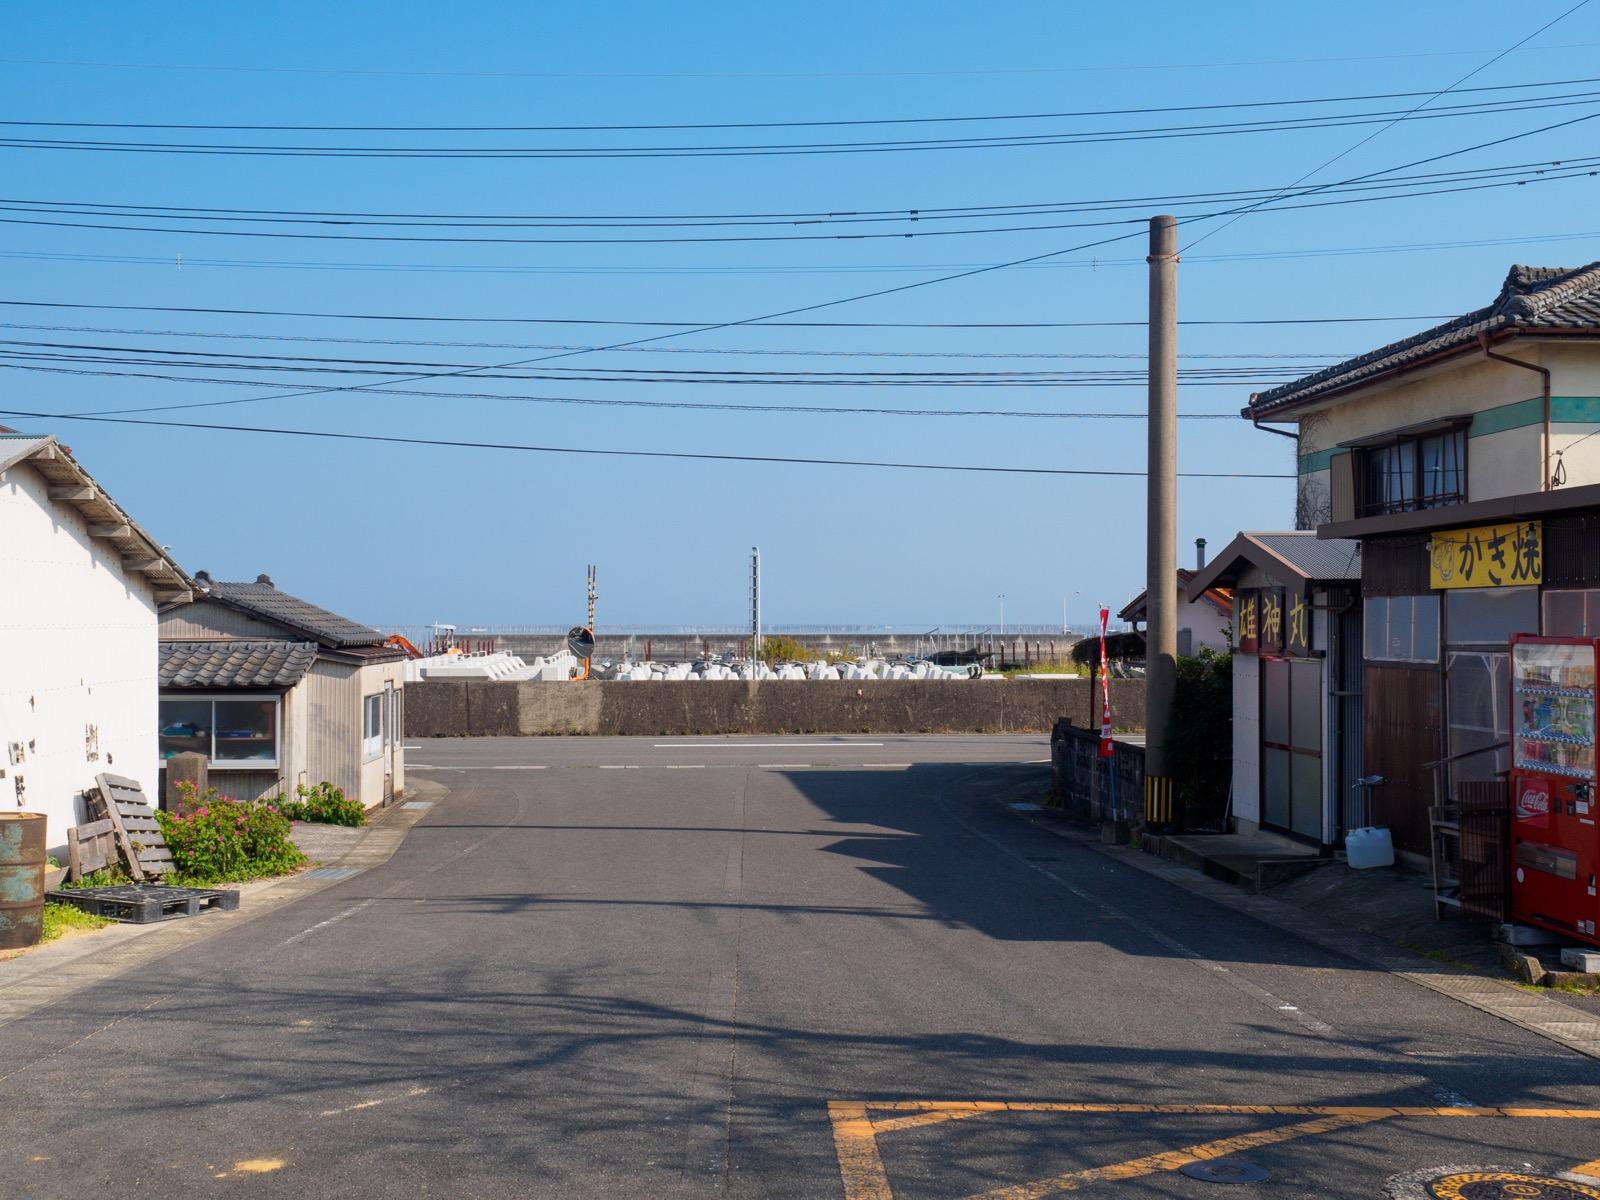 肥前飯田駅の駅前